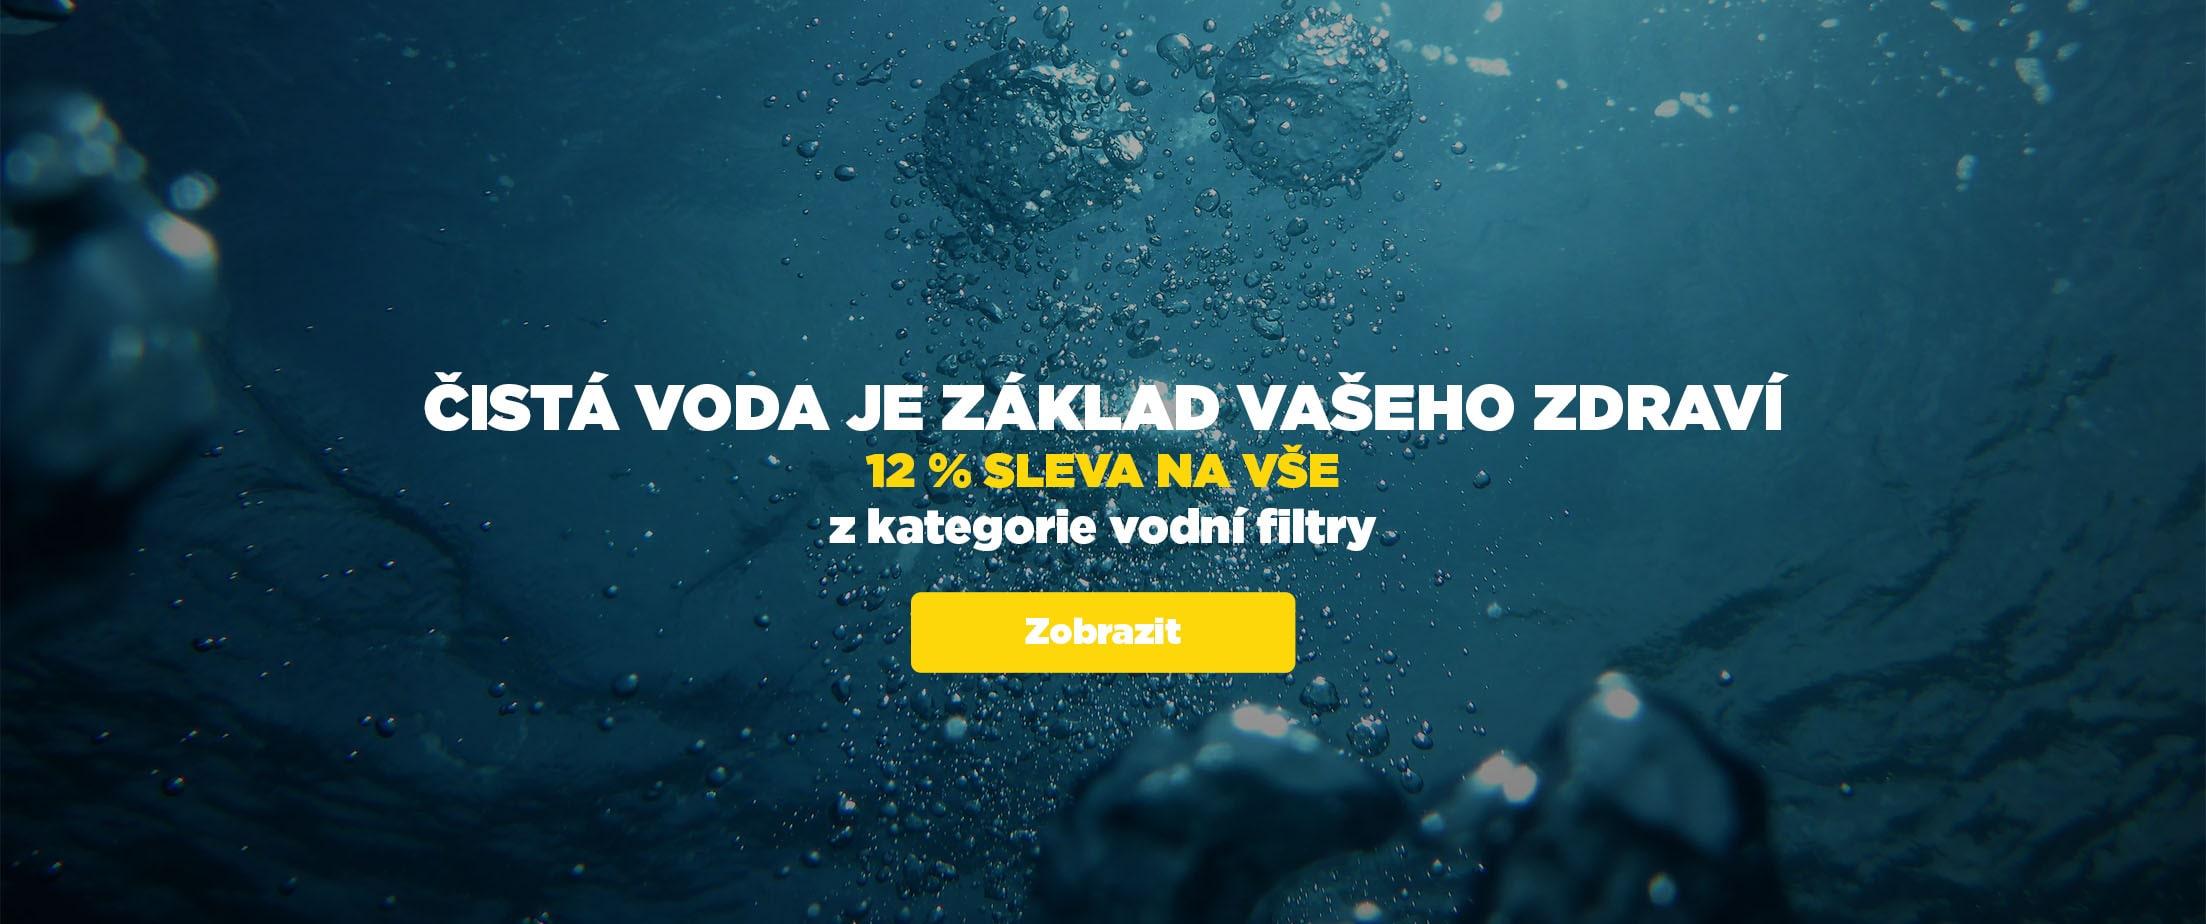 VODA_AKCE_Eshop-pc